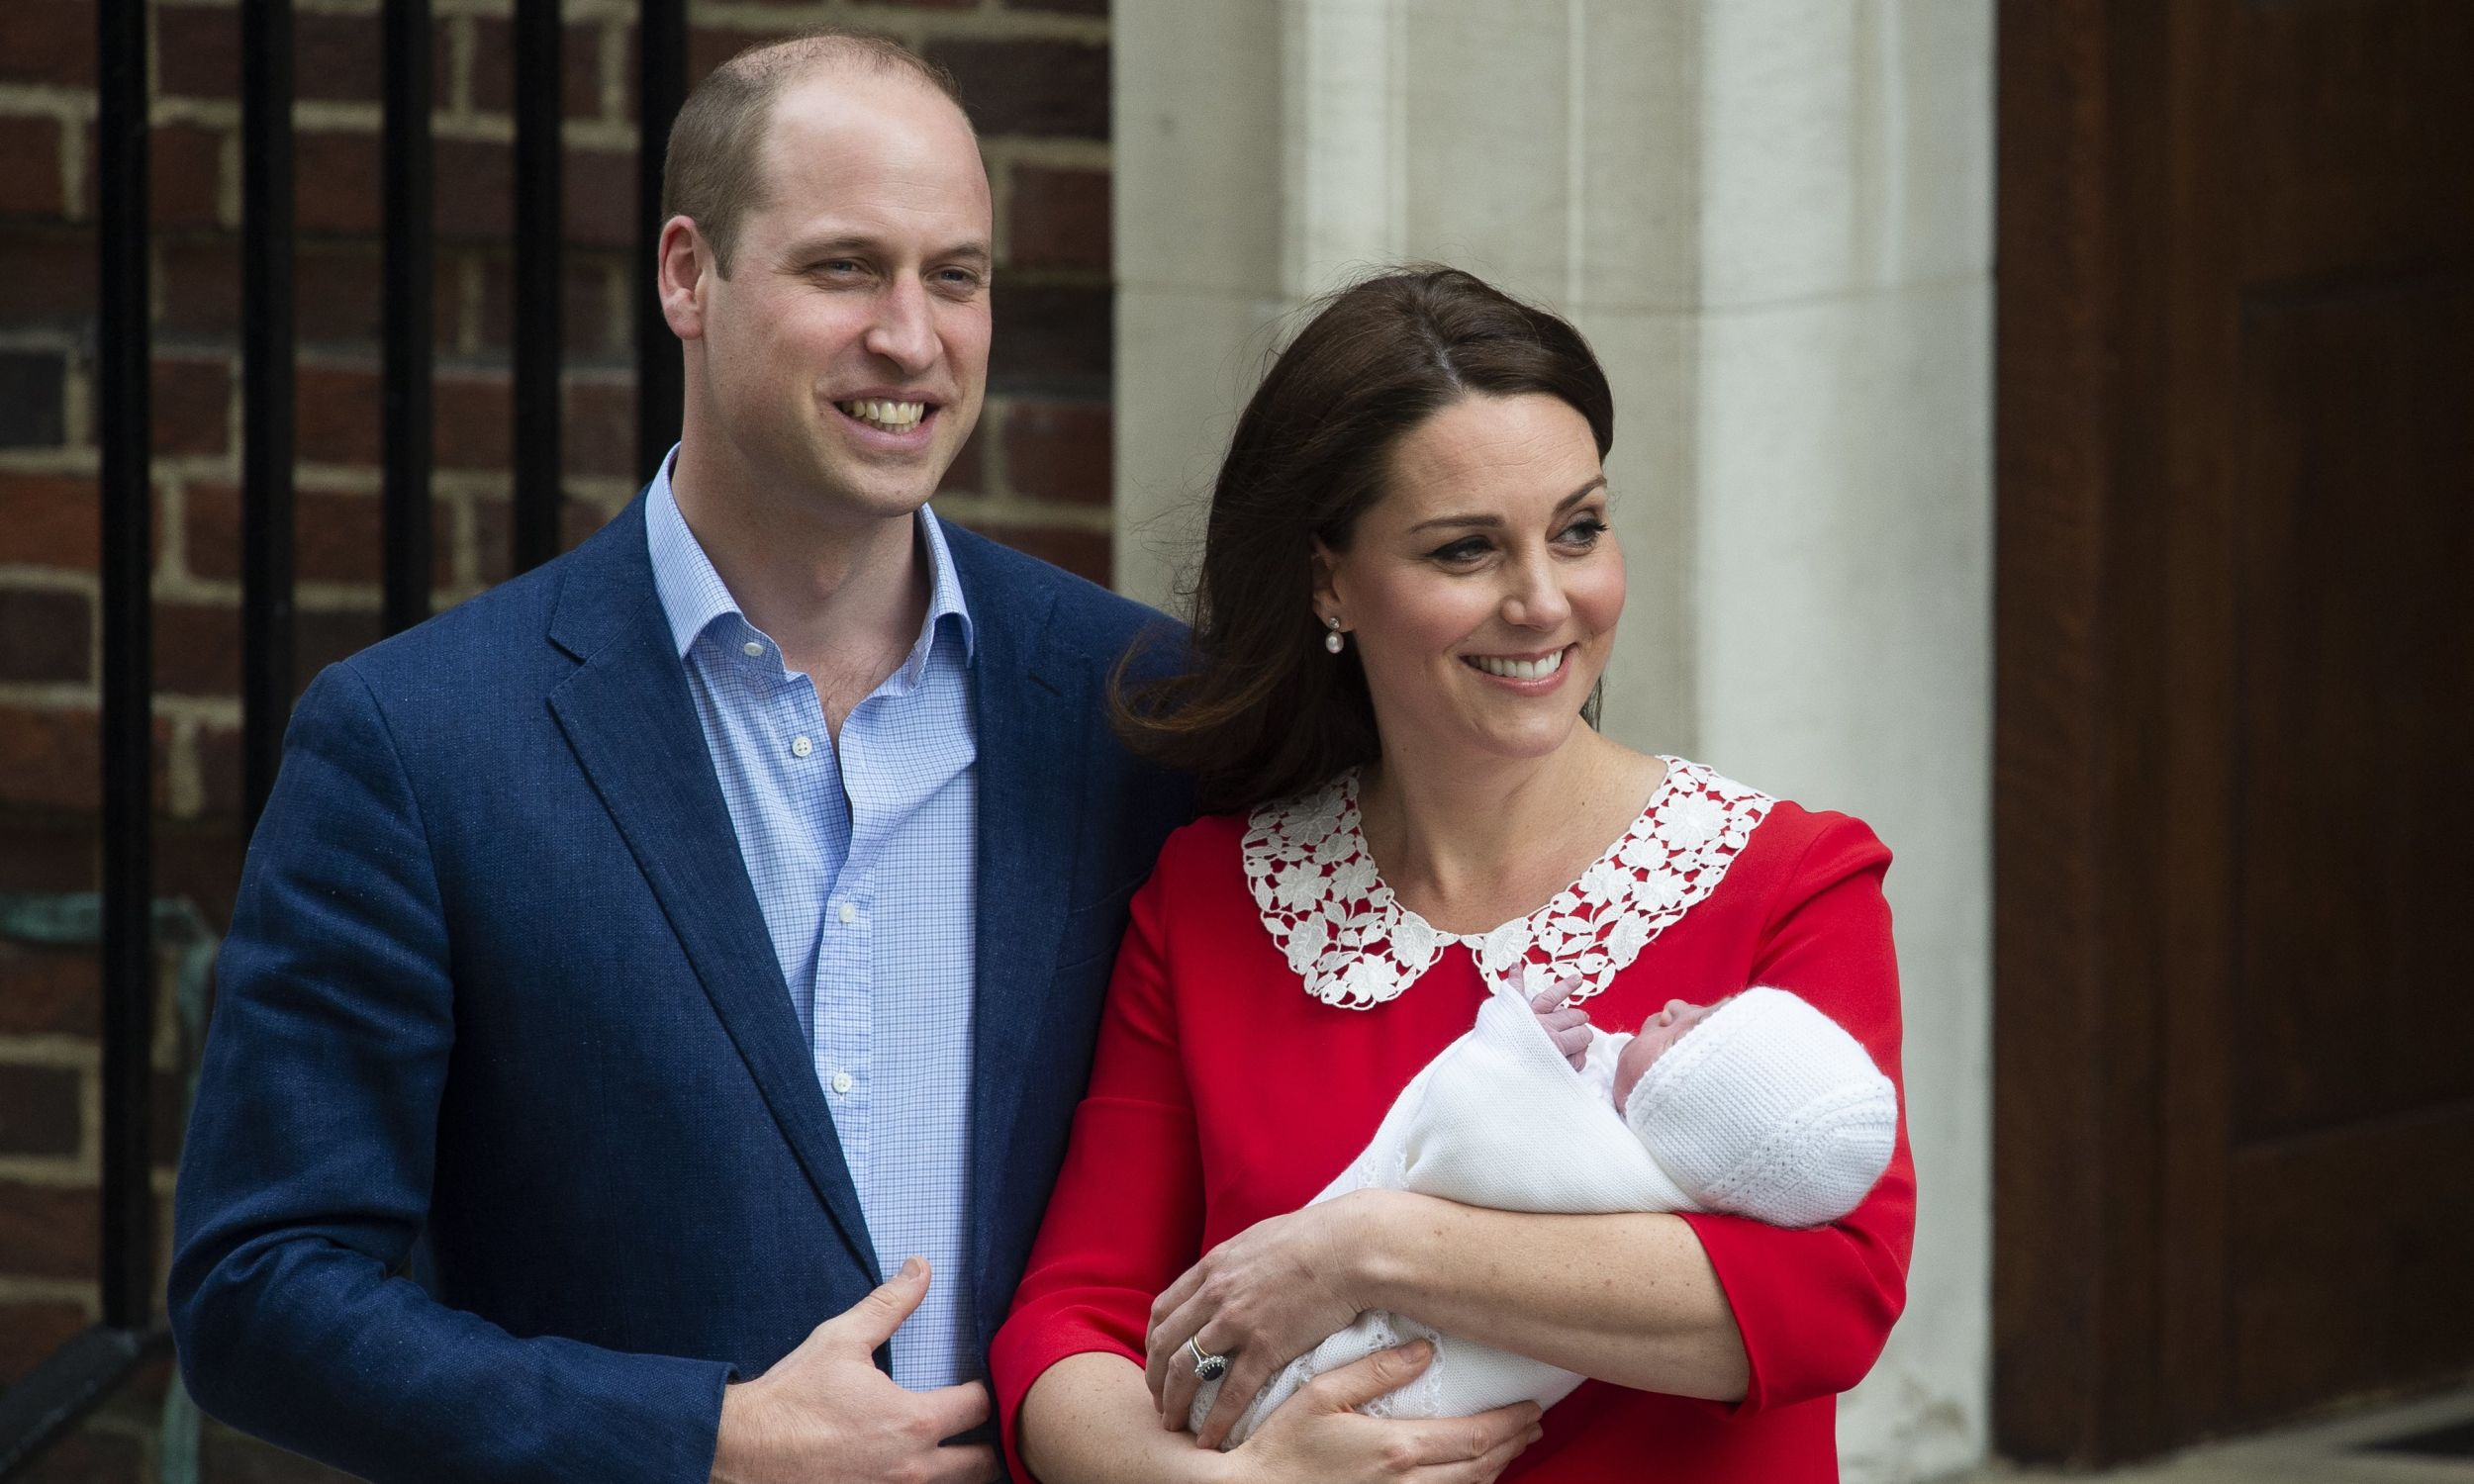 """Książę Cambridge William wraz z żoną, księżną Catherine, która trzyma nowo narodzonego syna. Stoją przed """"Lindo"""", skrzydłem szpitala św. Marii w Paddington, w zachodnim Londynie.  Chłopiec jest trzecim dzieckiem książęcej pary i piąty w kolejce do brytyjskiego tronu. Fot. PAP/EPA/WILL OLIVER"""